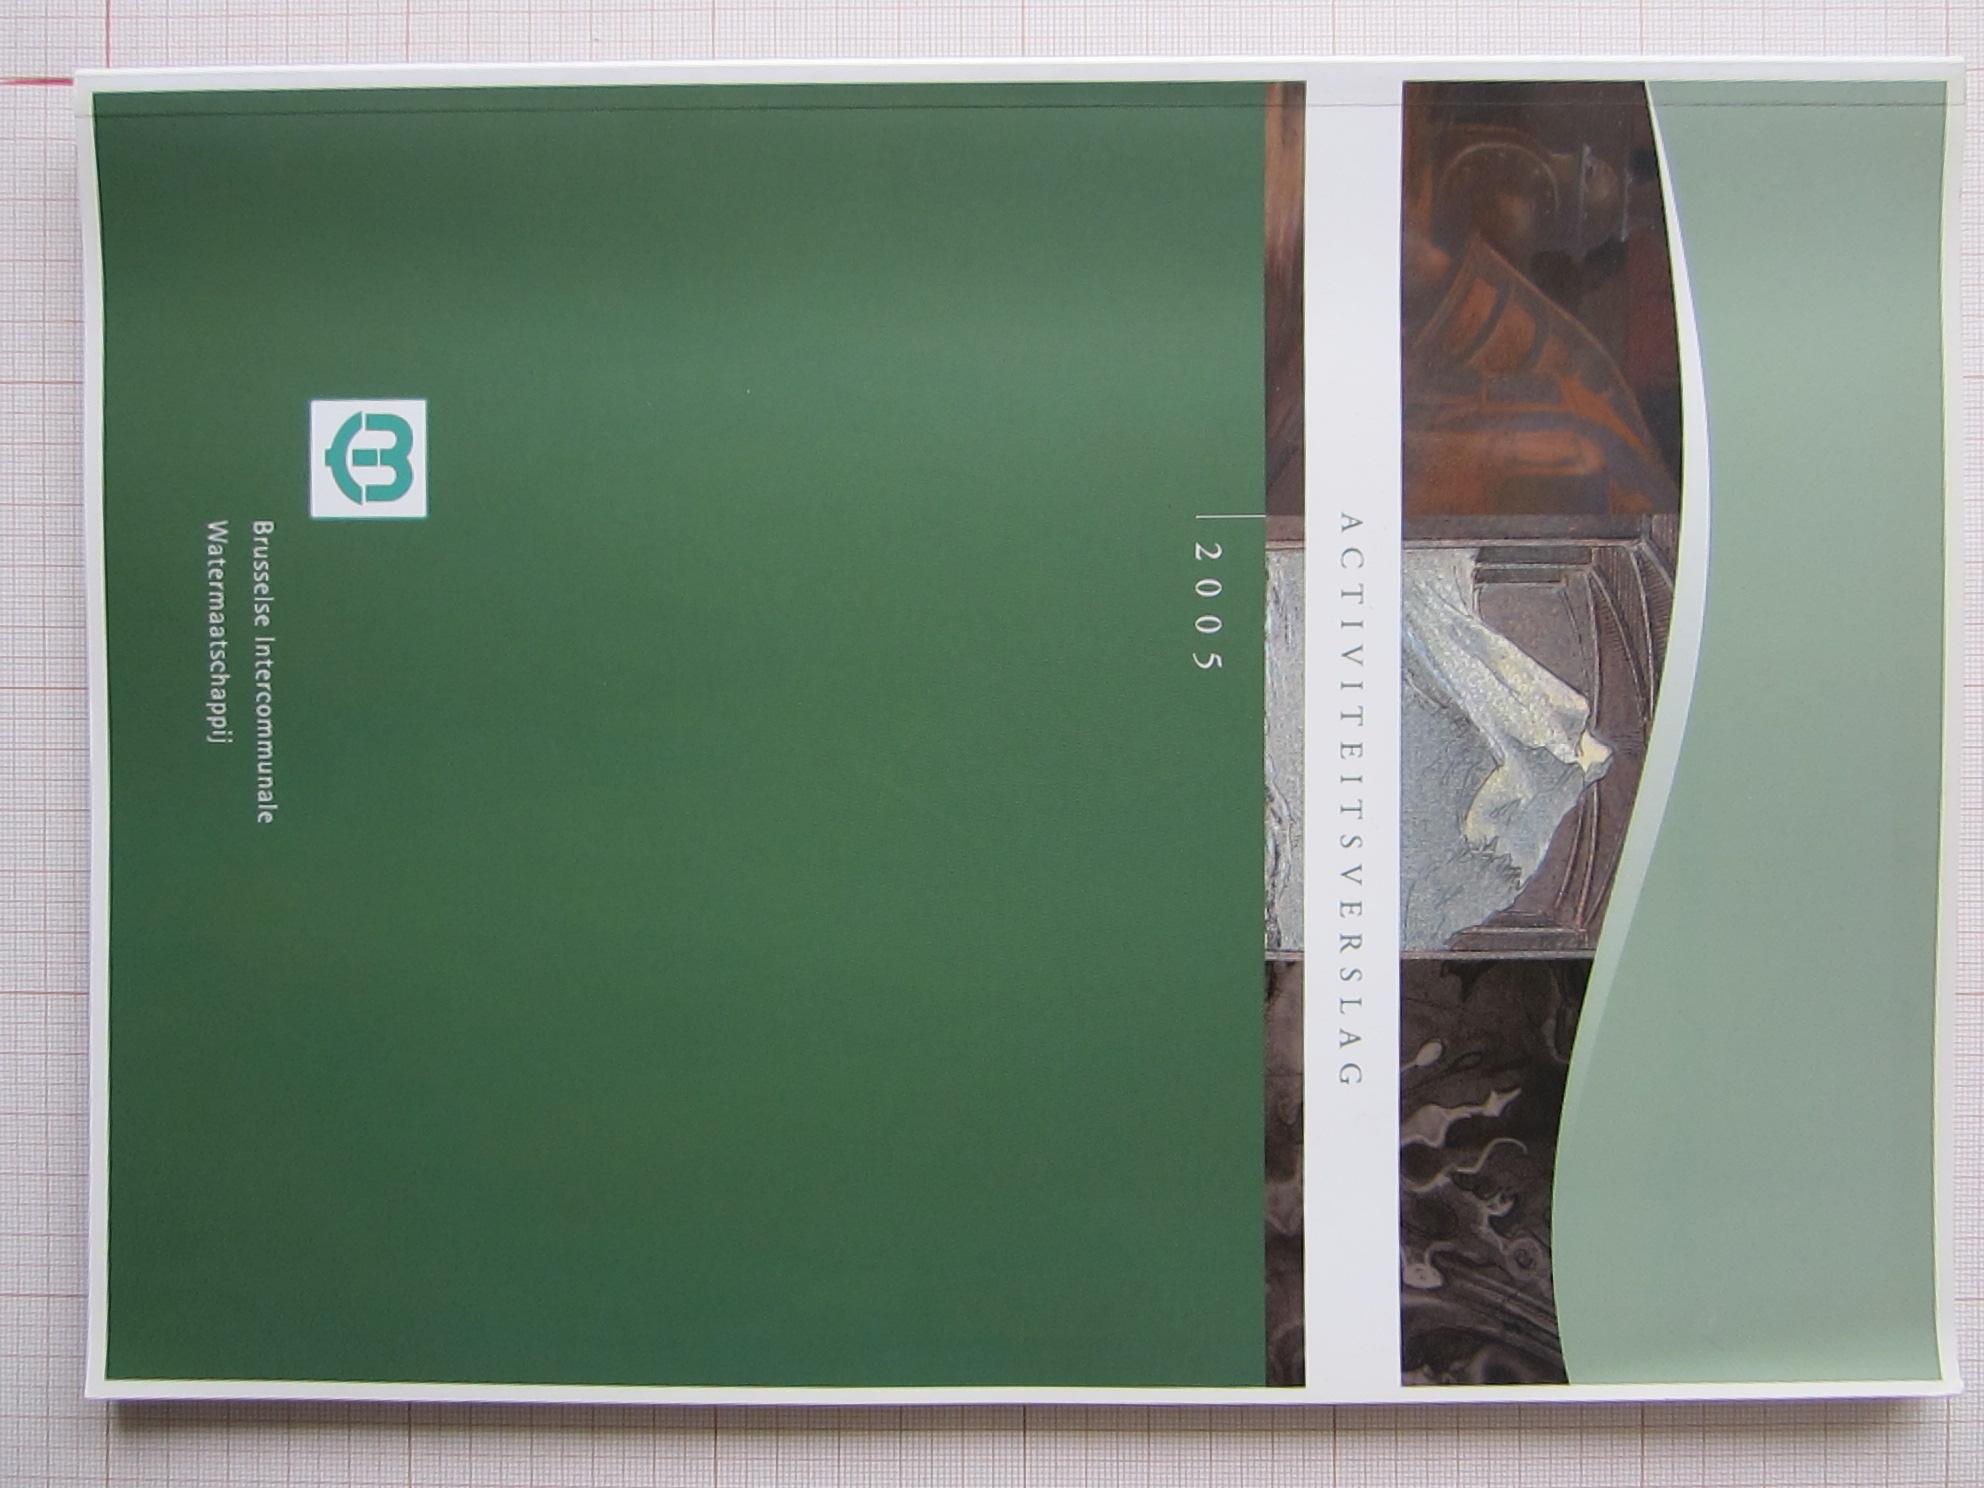 Rapport d'activités© Intercommunale bruxelloise des eaux , 2005